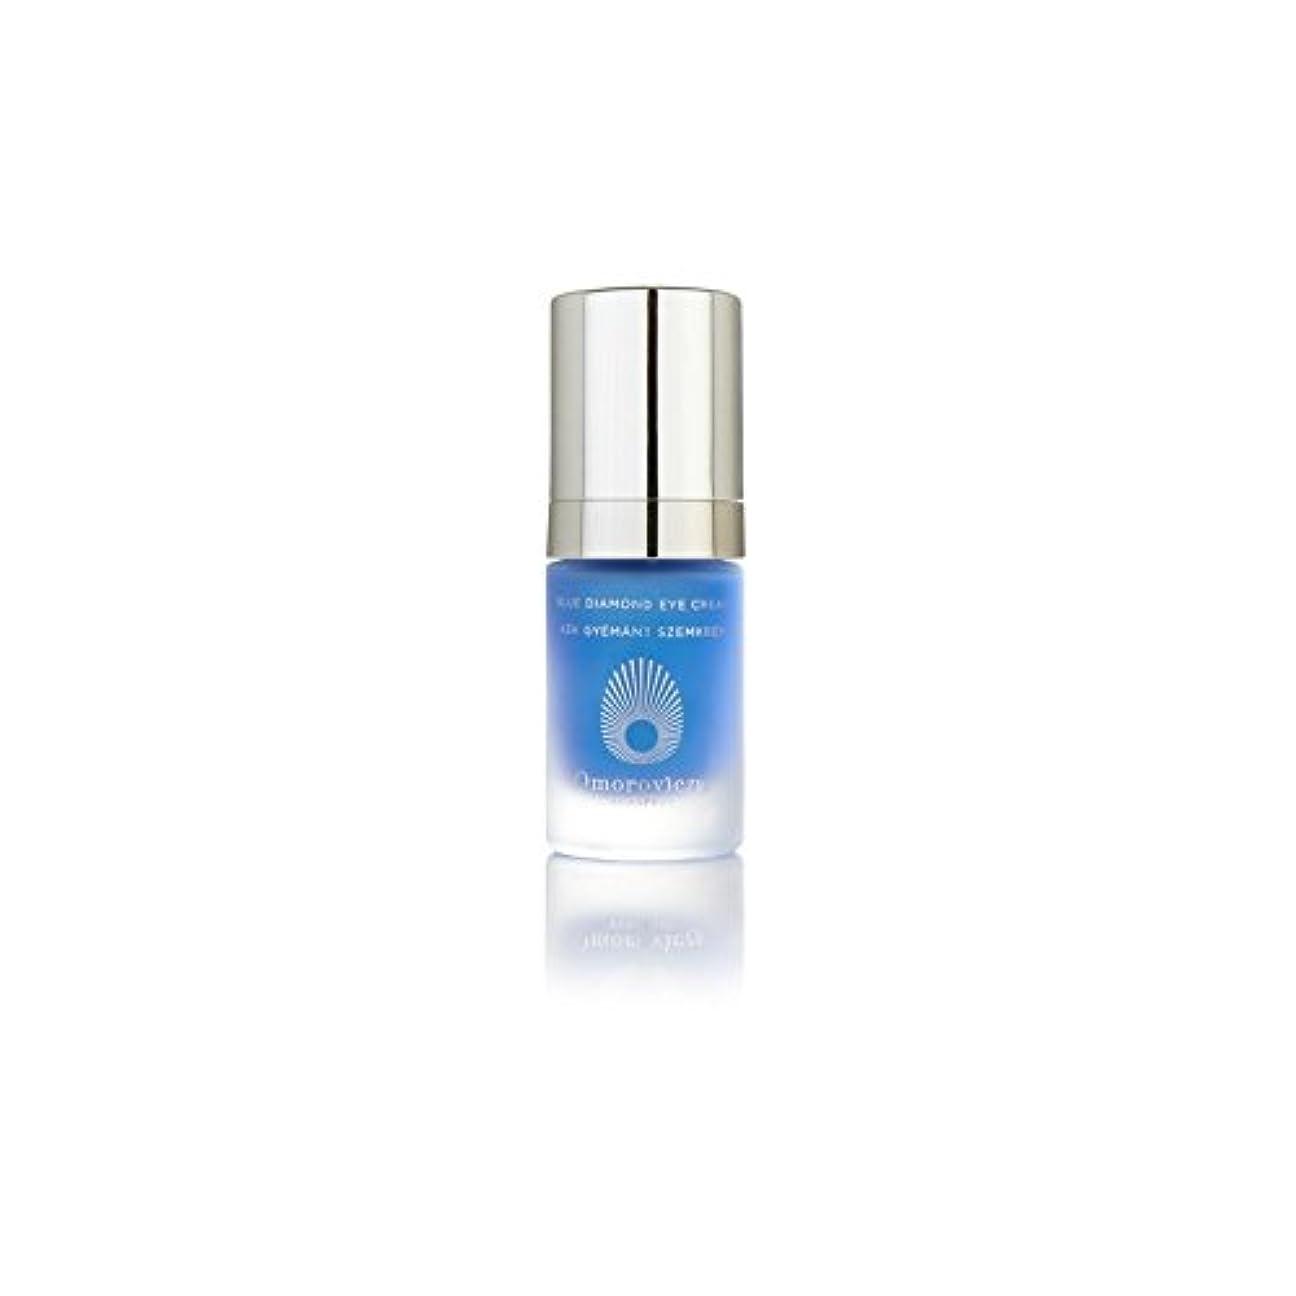 上回る残酷ロマンスブルーダイヤモンドアイクリーム(15ミリリットル) x2 - Omorovicza Blue Diamond Eye Cream (15ml) (Pack of 2) [並行輸入品]